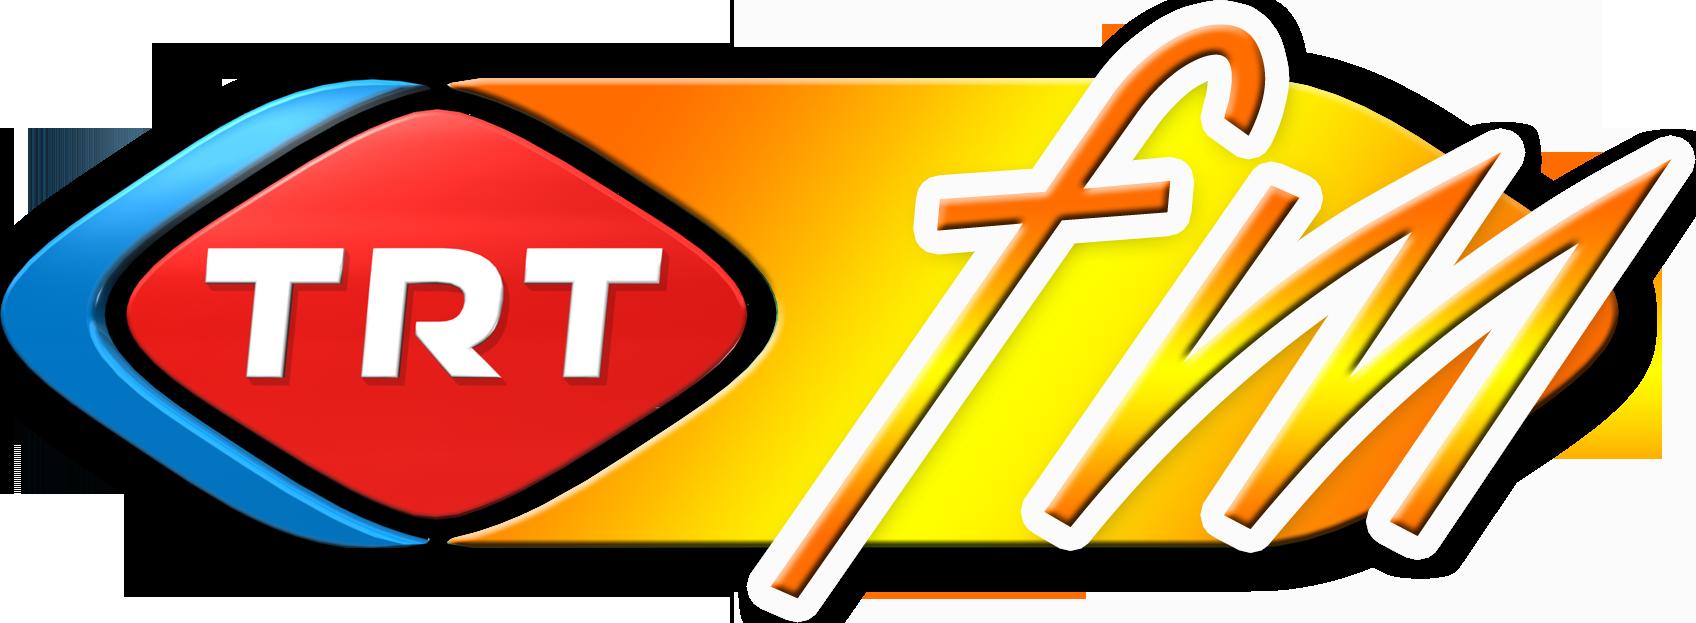 RADYO-2 (TRT FM)